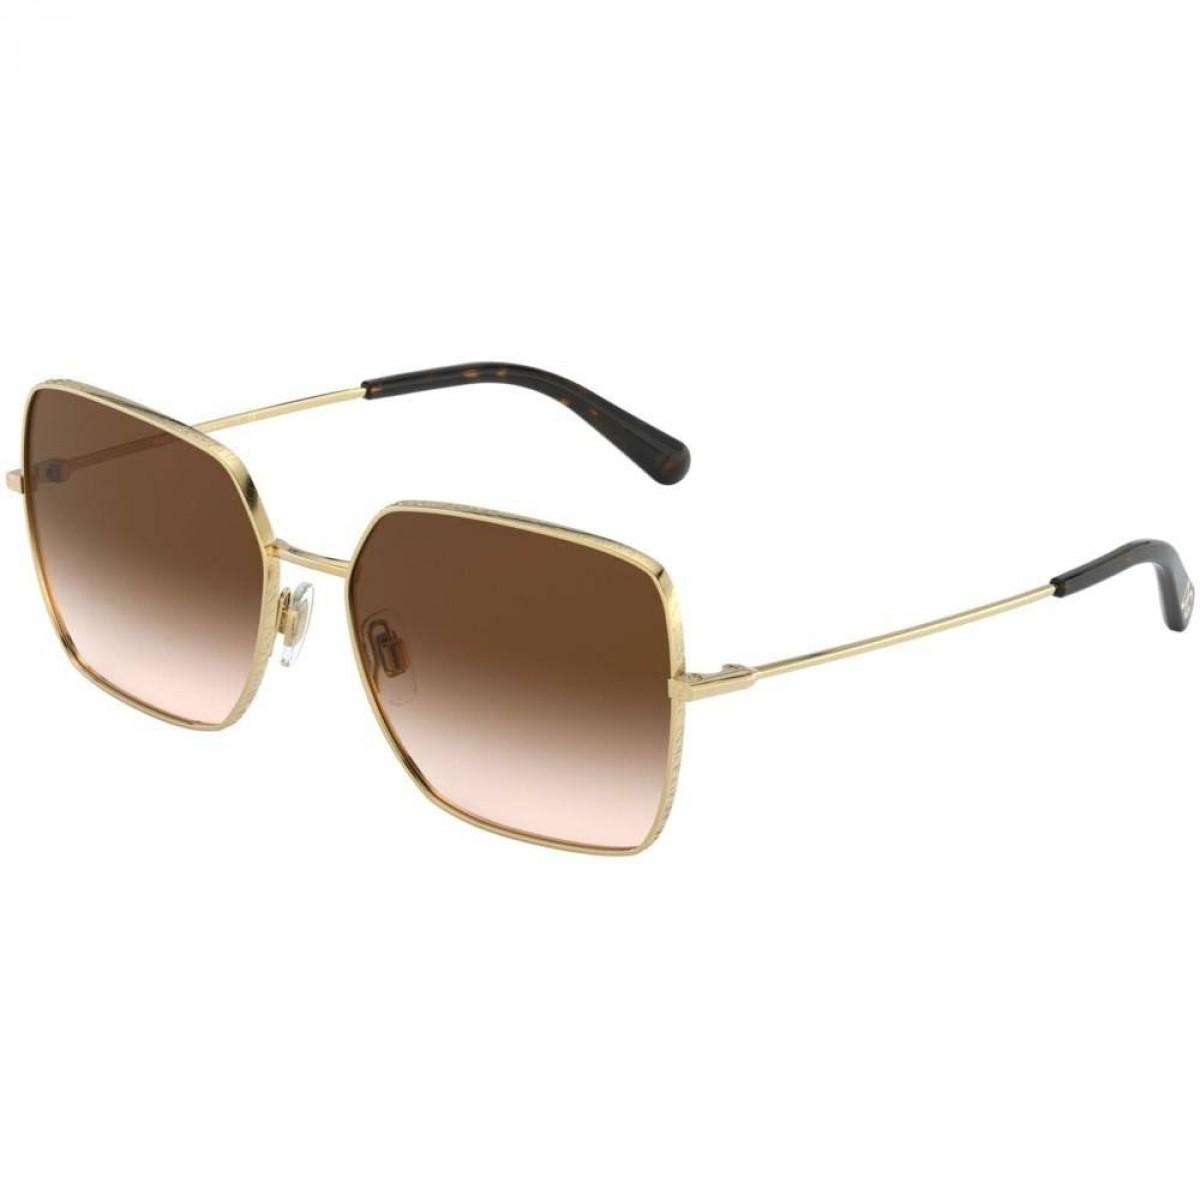 Dolce & Gabbana 2242 02/13 57, 136,50€, Occhiali Dolce&Gabbana Oro a forma Squadrato